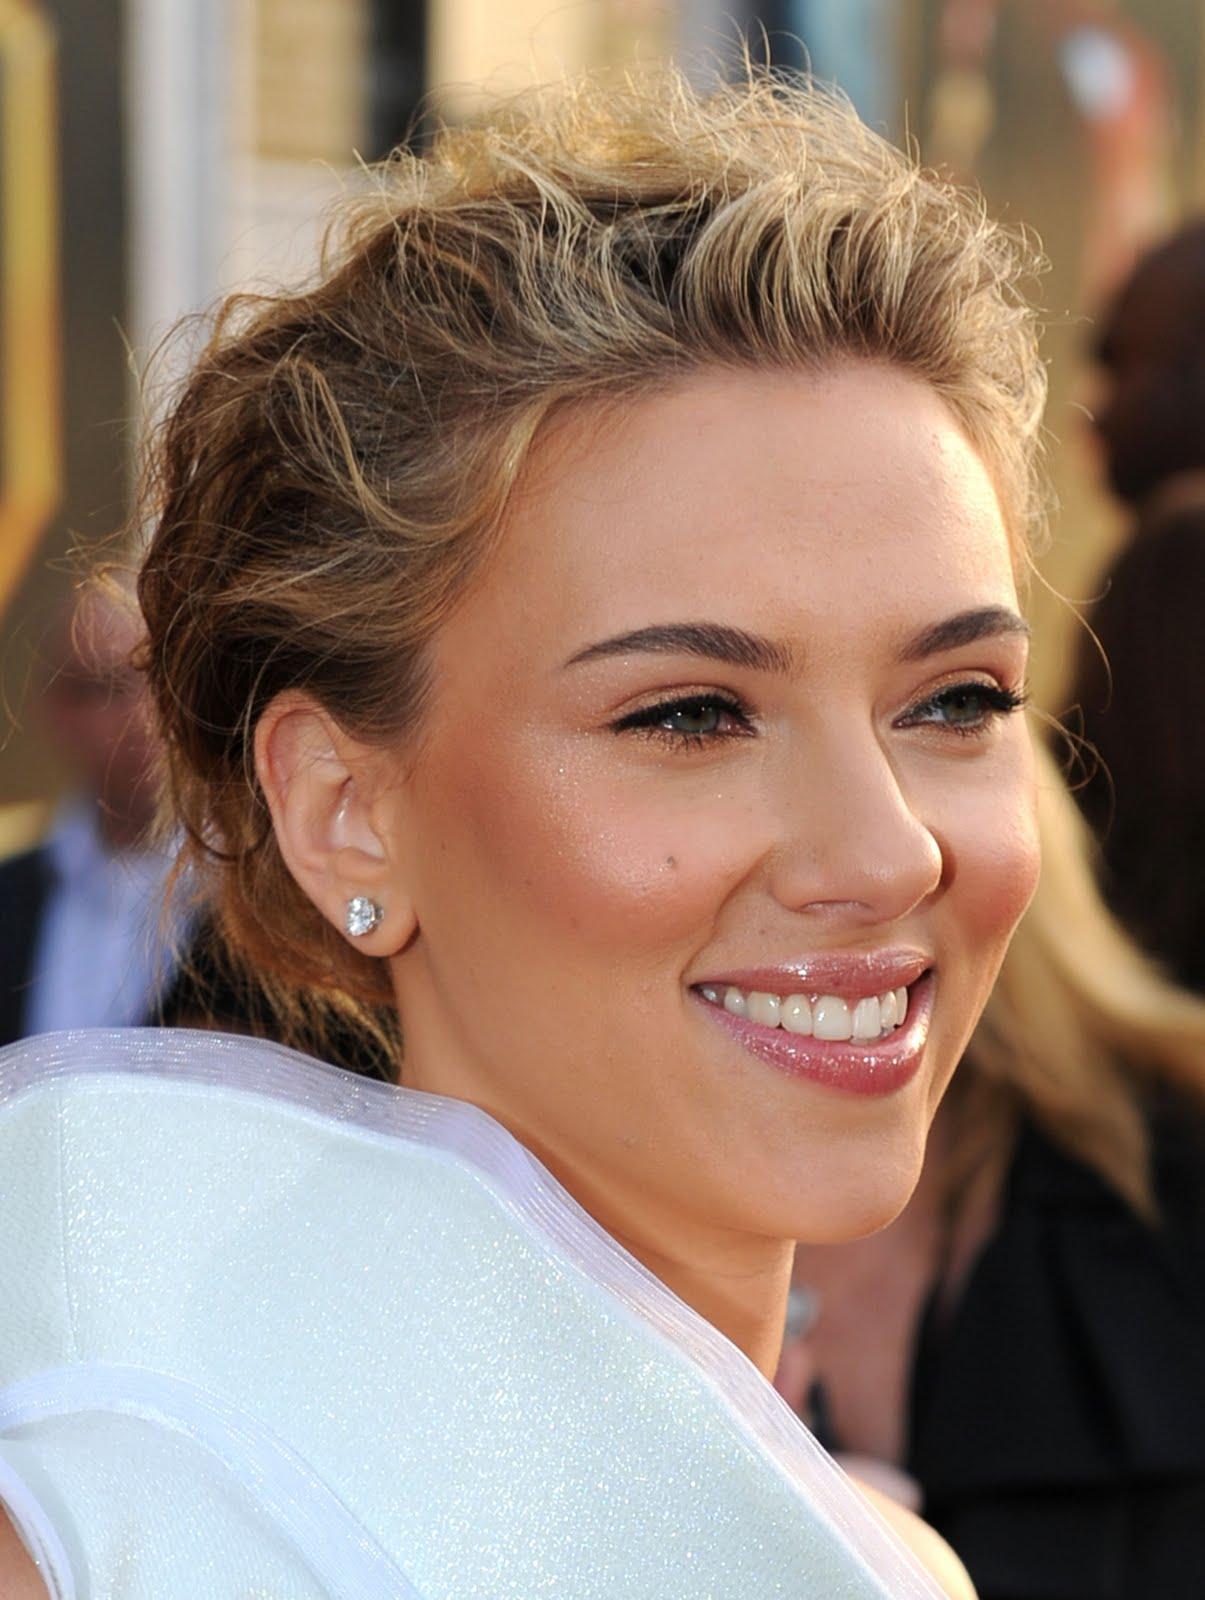 http://3.bp.blogspot.com/-_VePlfb7W88/TgRmYYMt7NI/AAAAAAAAFDY/ktJZH8_NbAk/s1600/Scarlett-Johansson-3.jpg